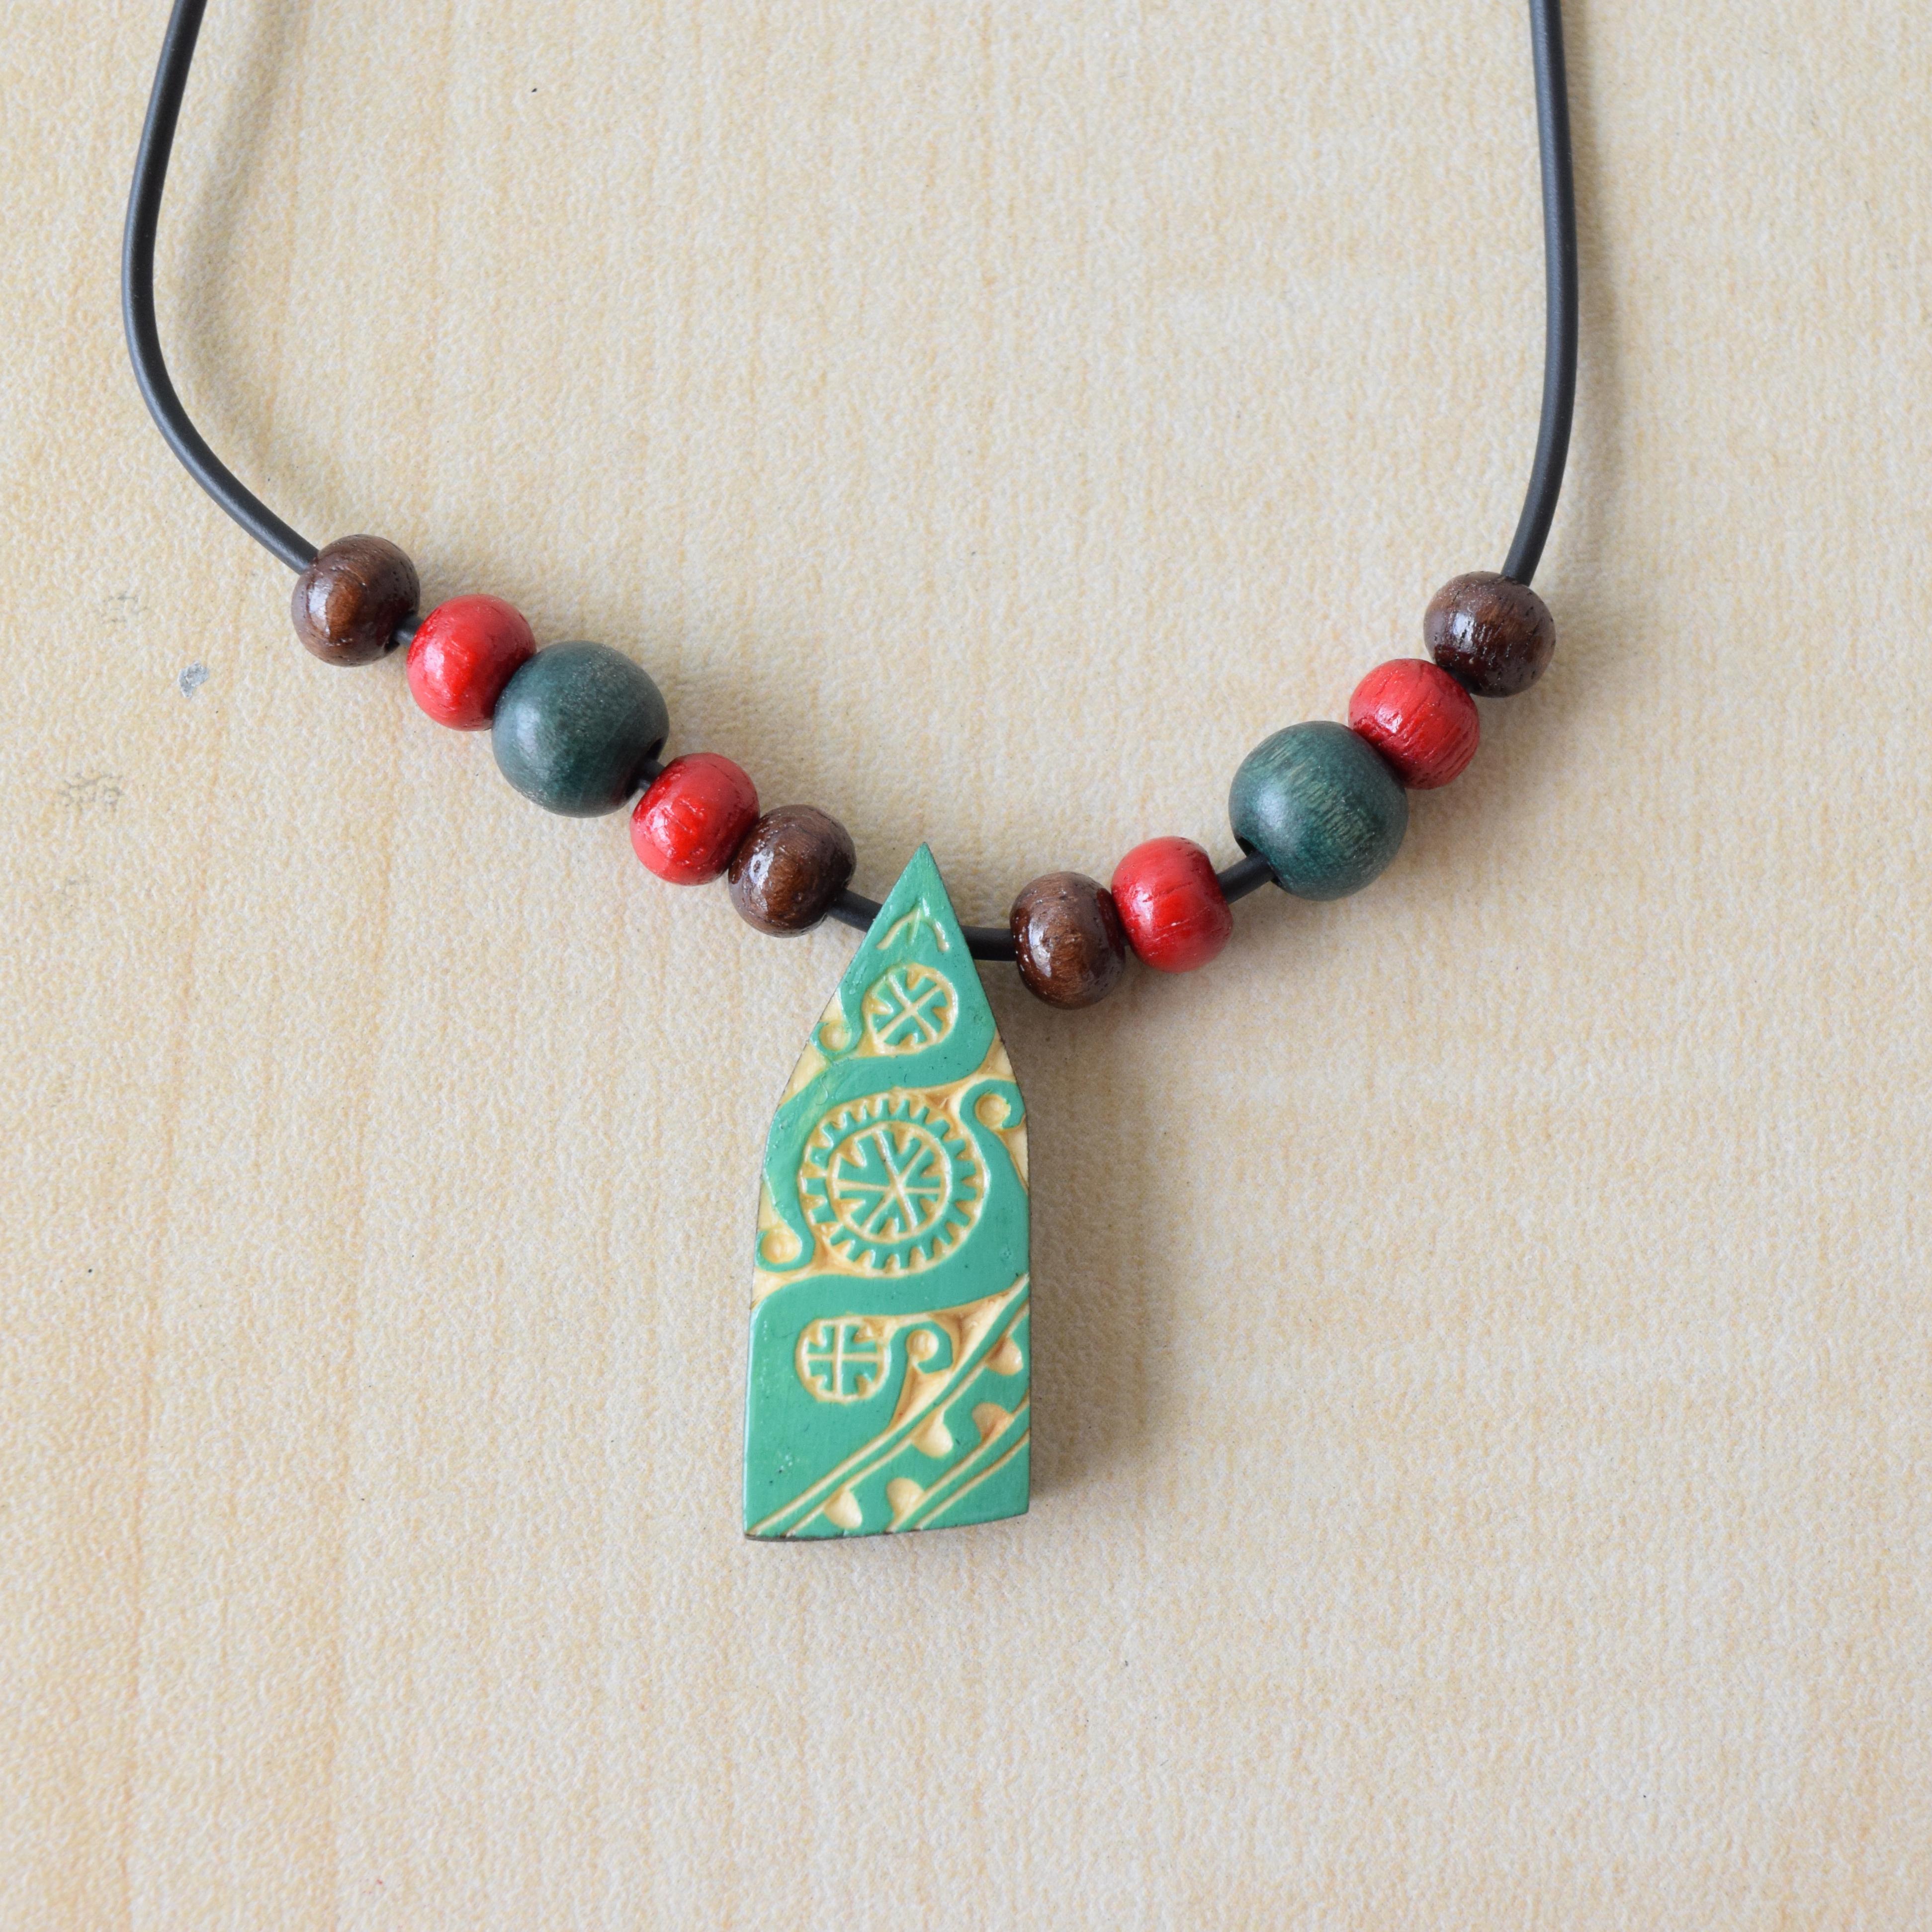 木彫りのネックレス(緑)  Wood carving necklace(green) 【さっぽろアイヌクラフト】